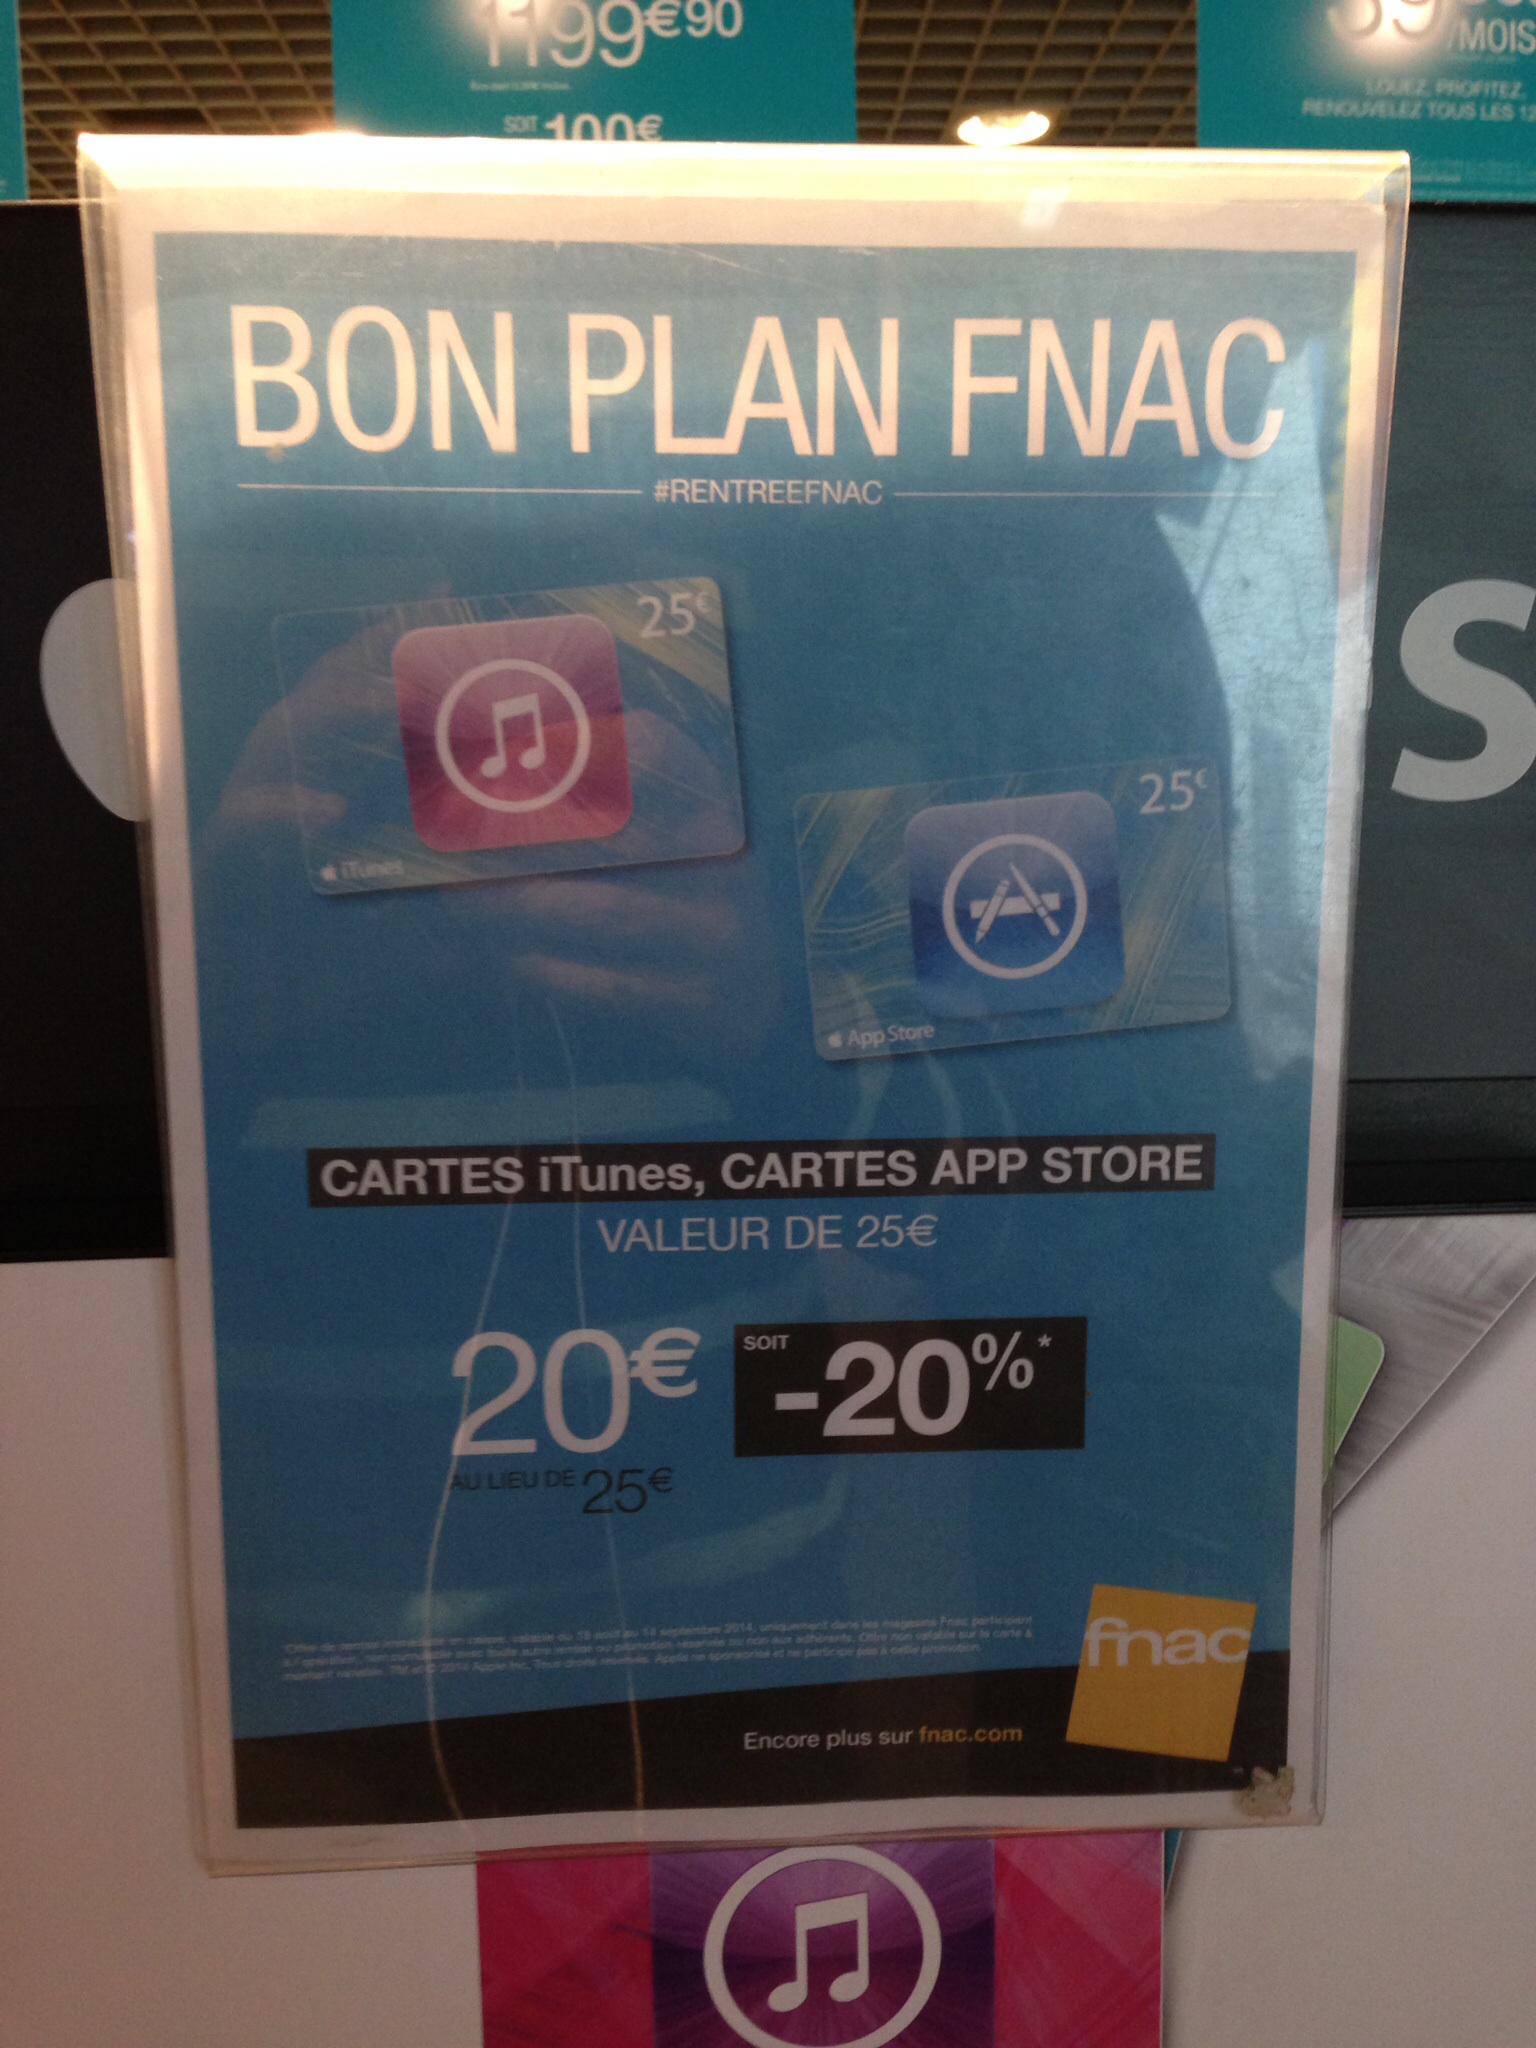 Carte itunes / app store d'une valeur de 25€